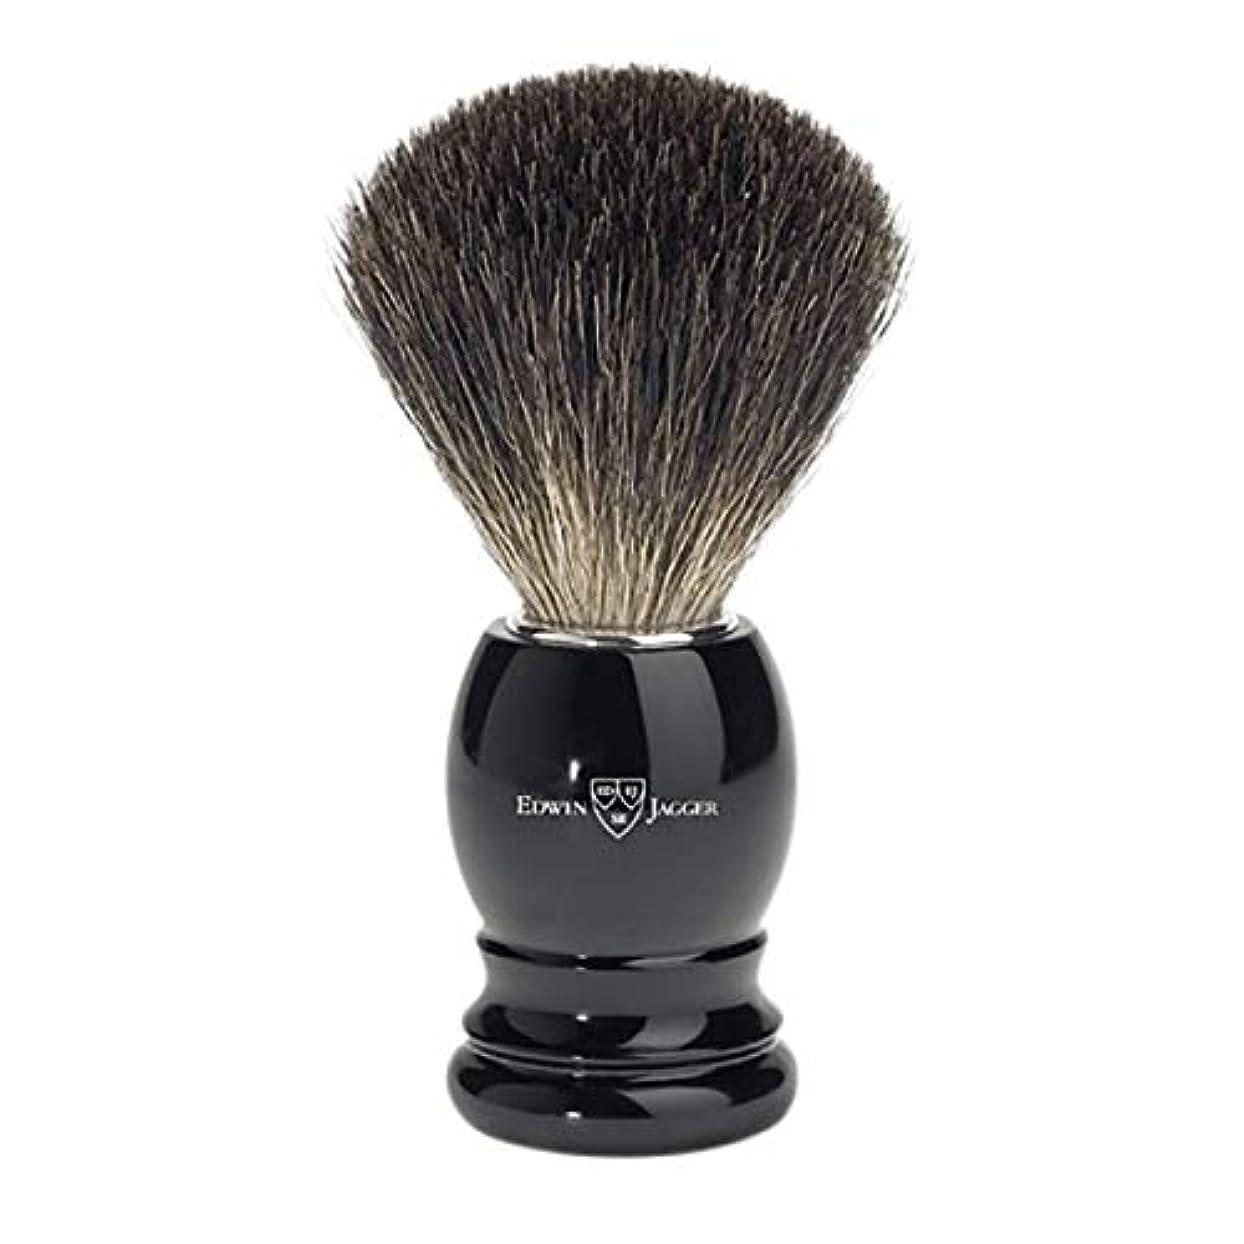 学者不調和植物学者エドウィンジャガー ブラックイミテーションエボニーベストバジャーシェービングブラシ81P26[海外直送品]Edwin Jagger Black Imitation Ebony Best Badger Shaving Brush...